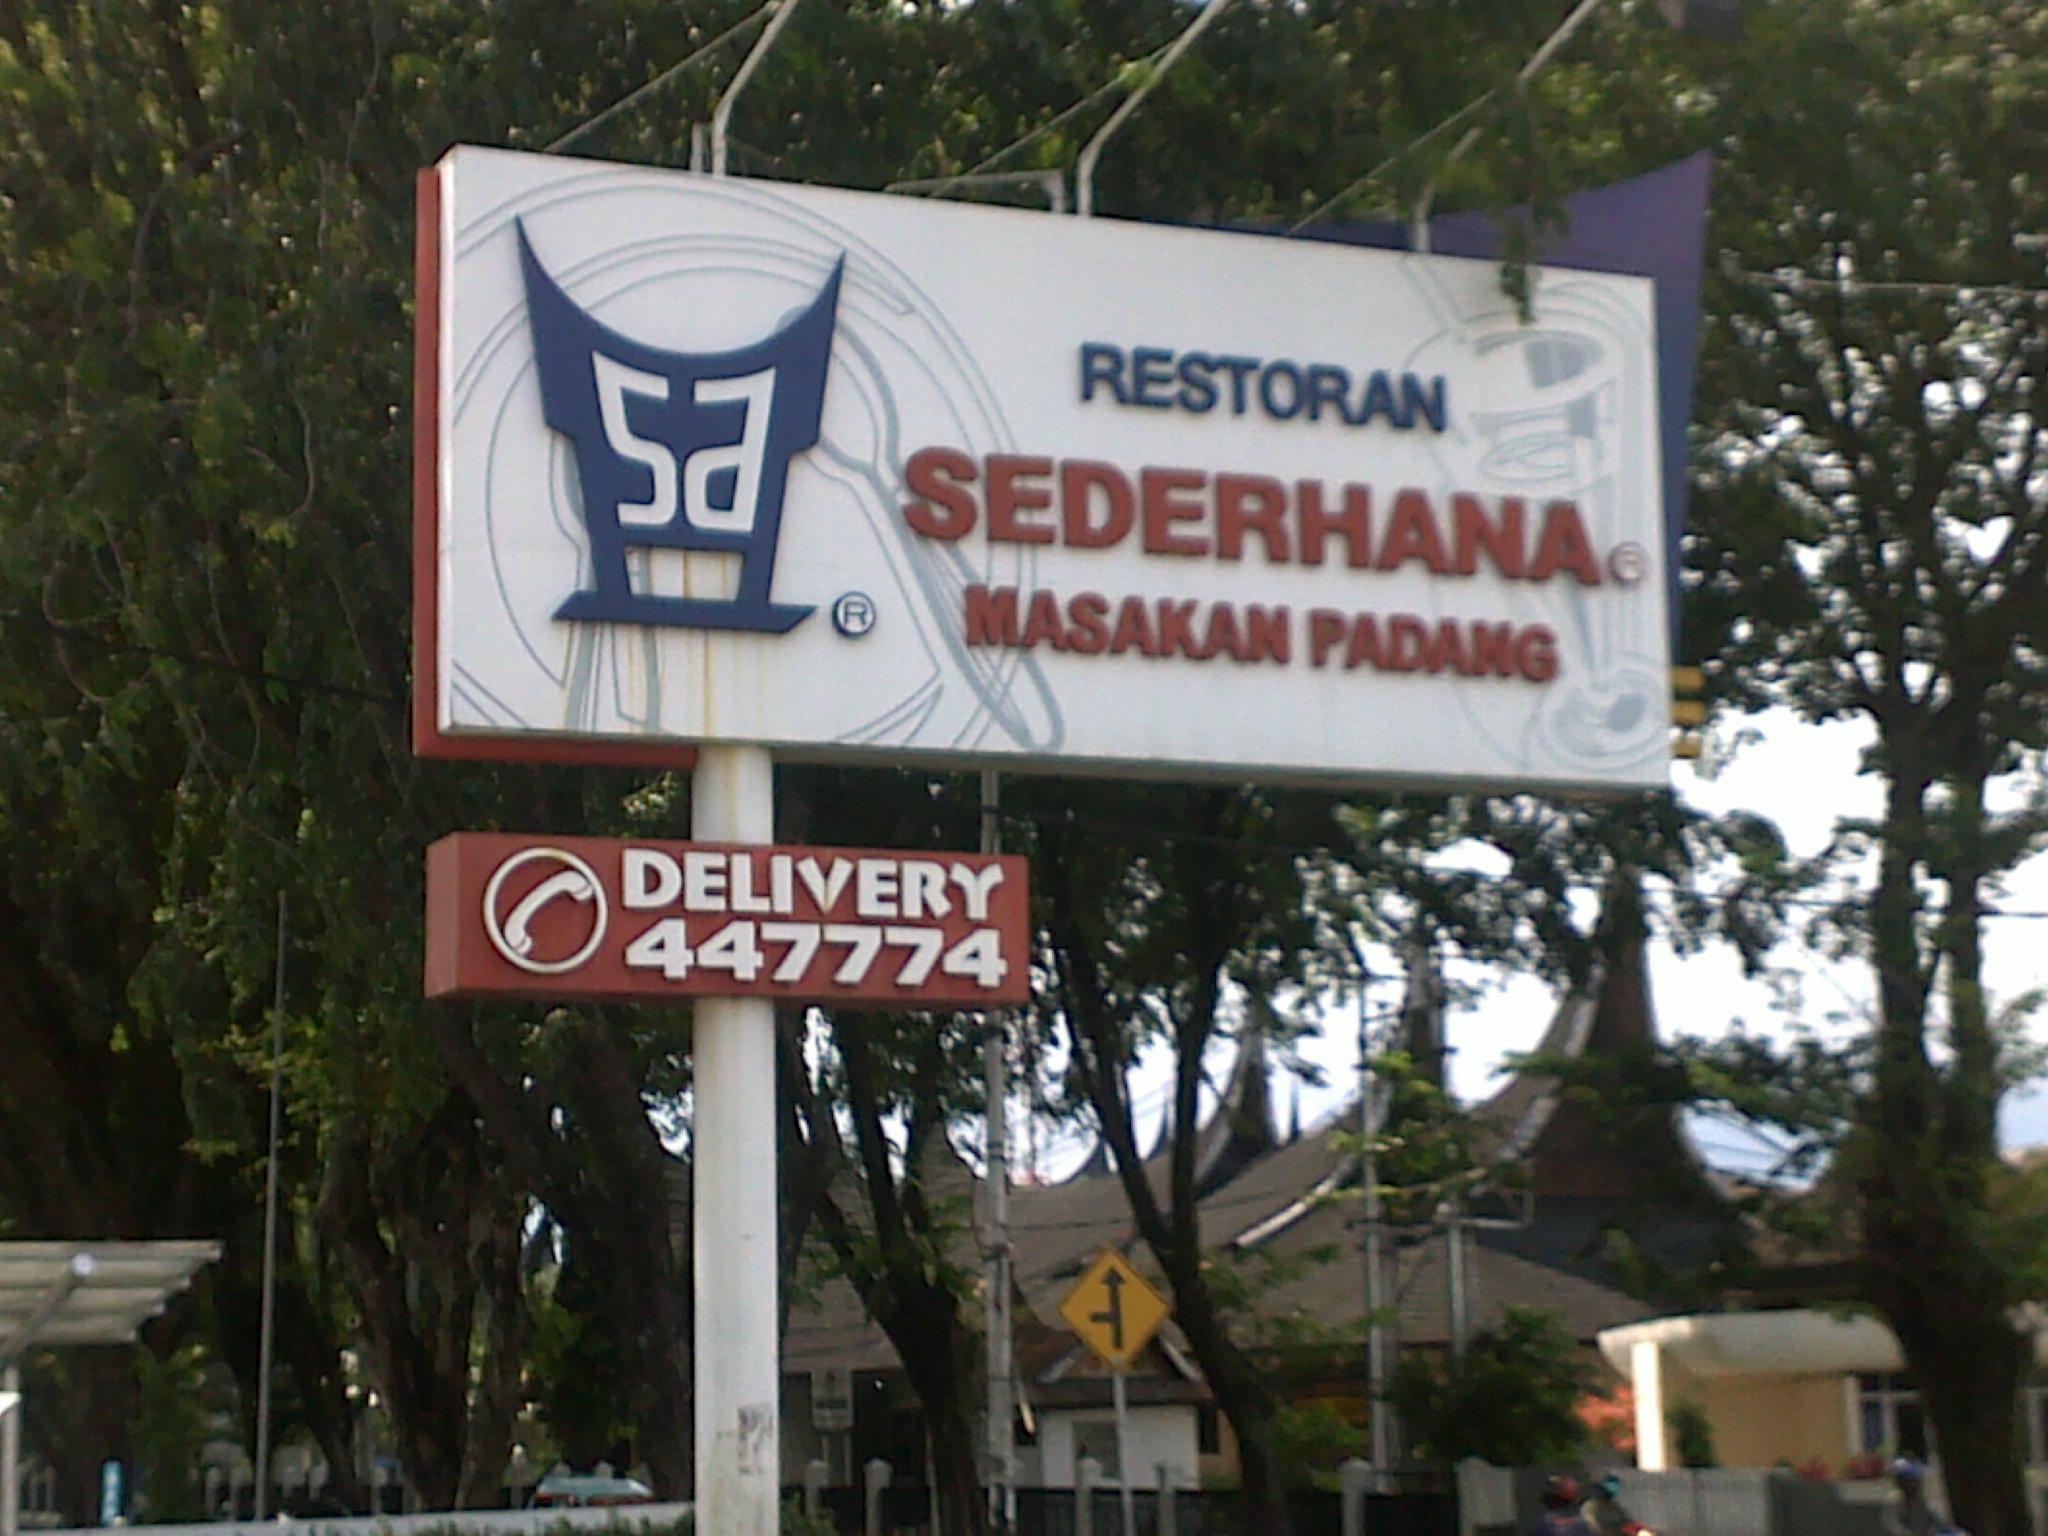 Bisnis Franchise Rumah Makan Padang Sederhana